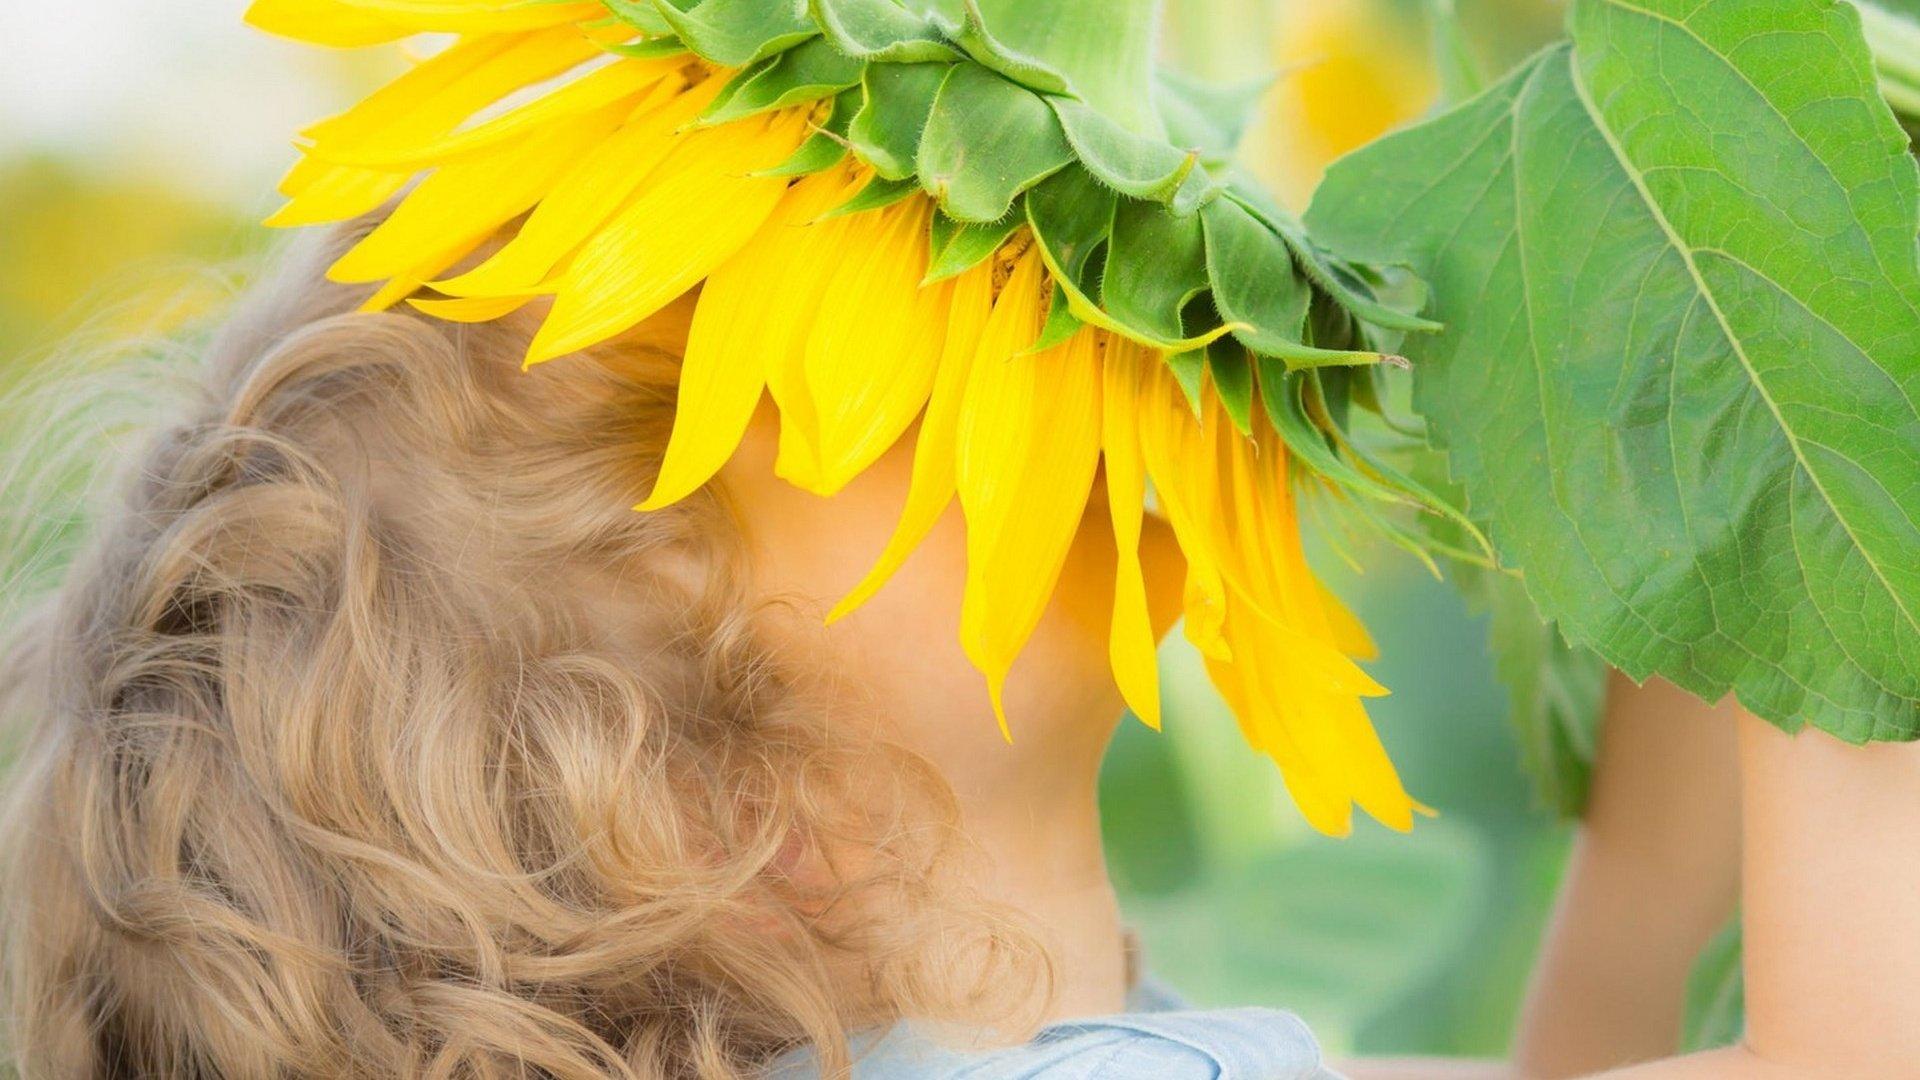 Фото ребенка в подсолнухах